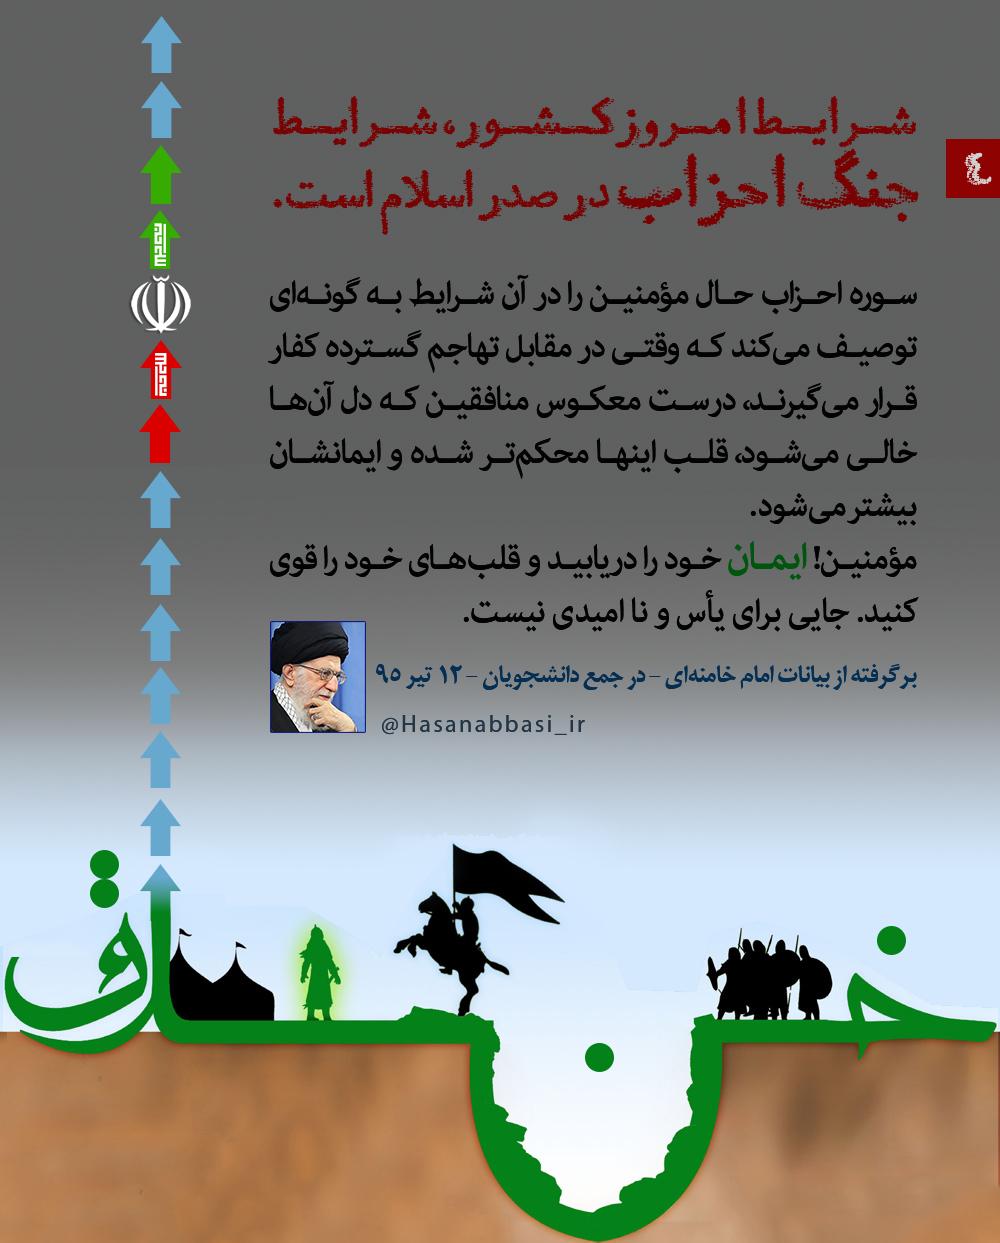 Ahzab4 شرایط امروز کشور، شرایط جنگ احزاب است